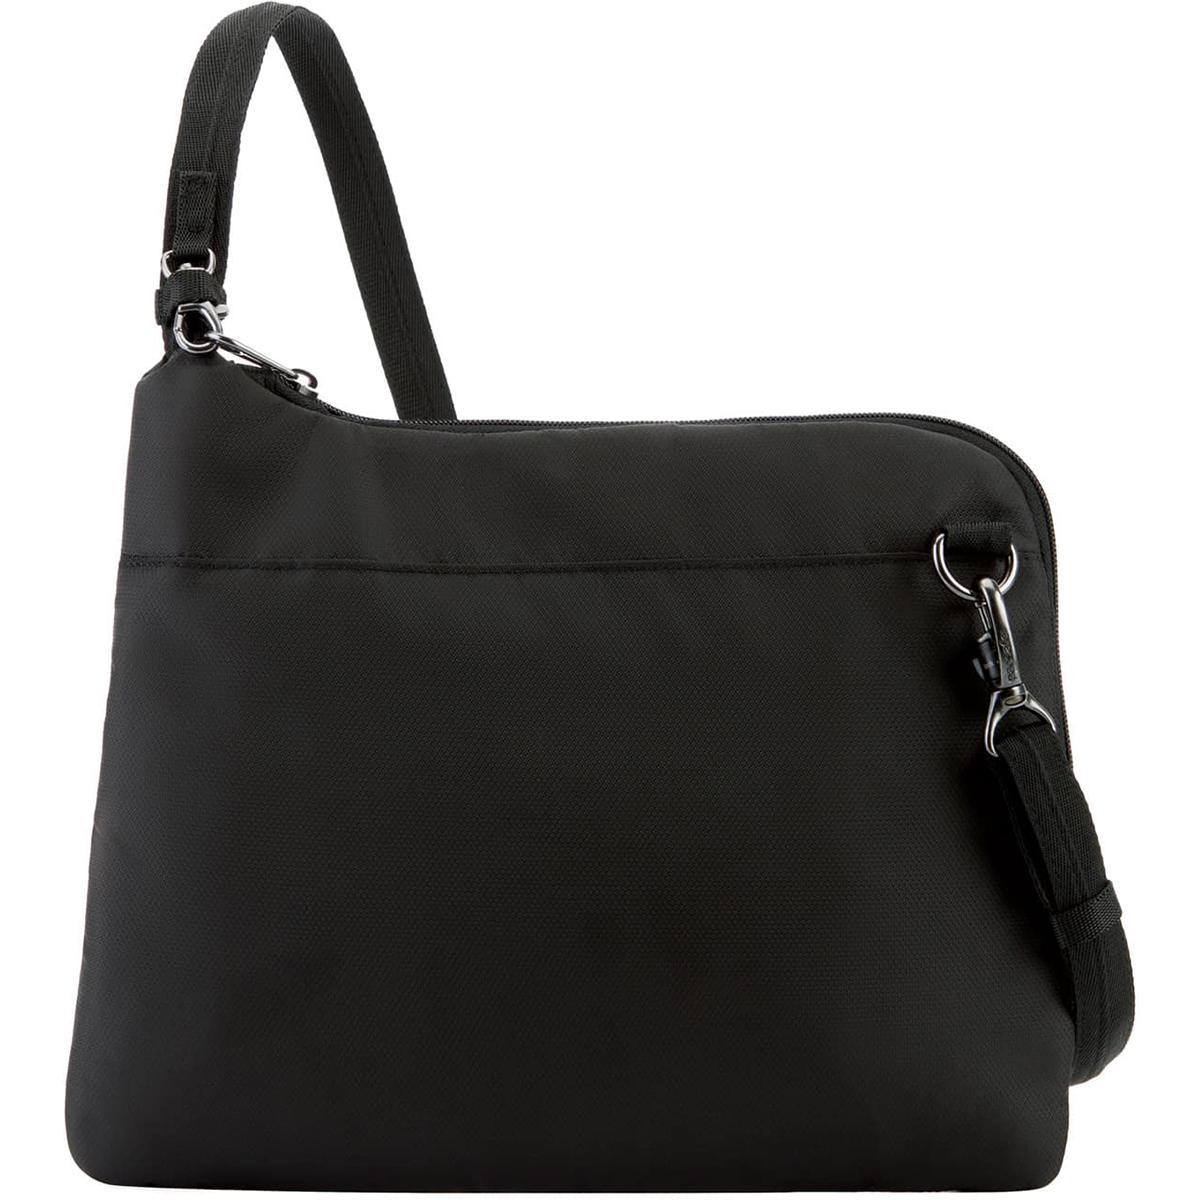 PacSafe-DaySafe-Anti-Theft-Slim-Crossbody-Bag thumbnail 4